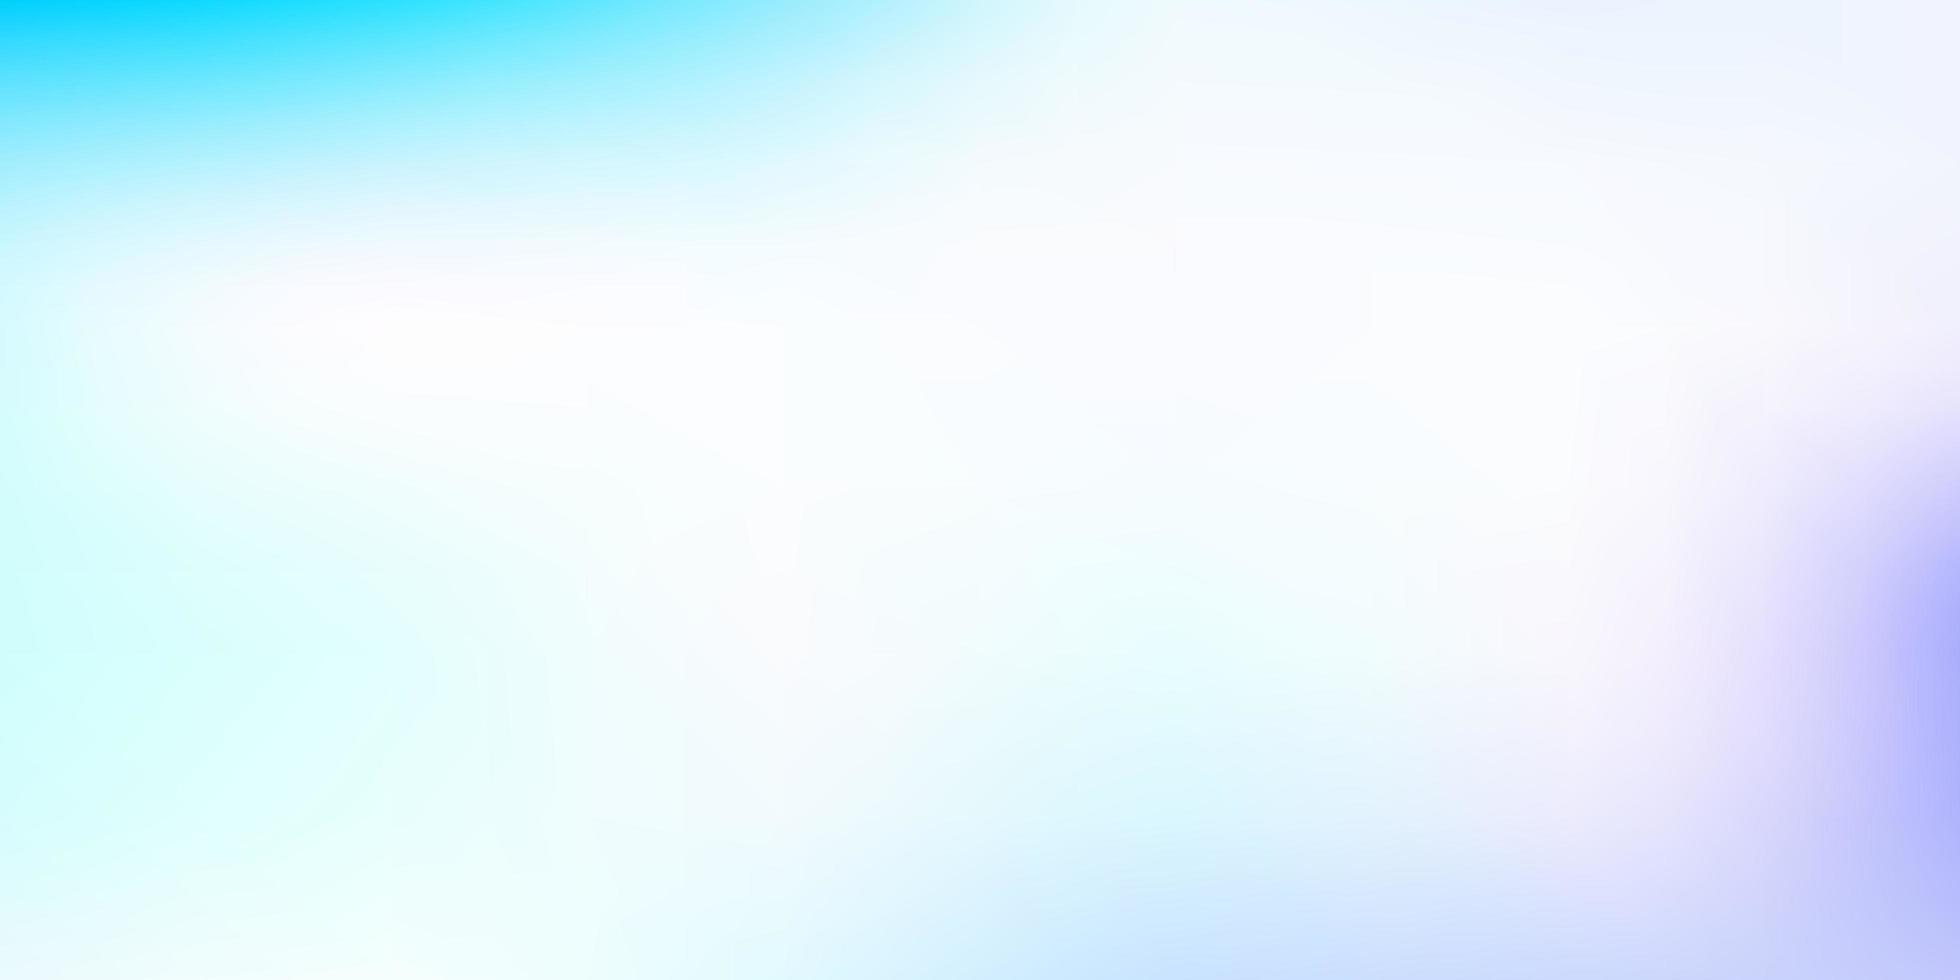 ljusrosa, blå vektor suddig bakgrund.